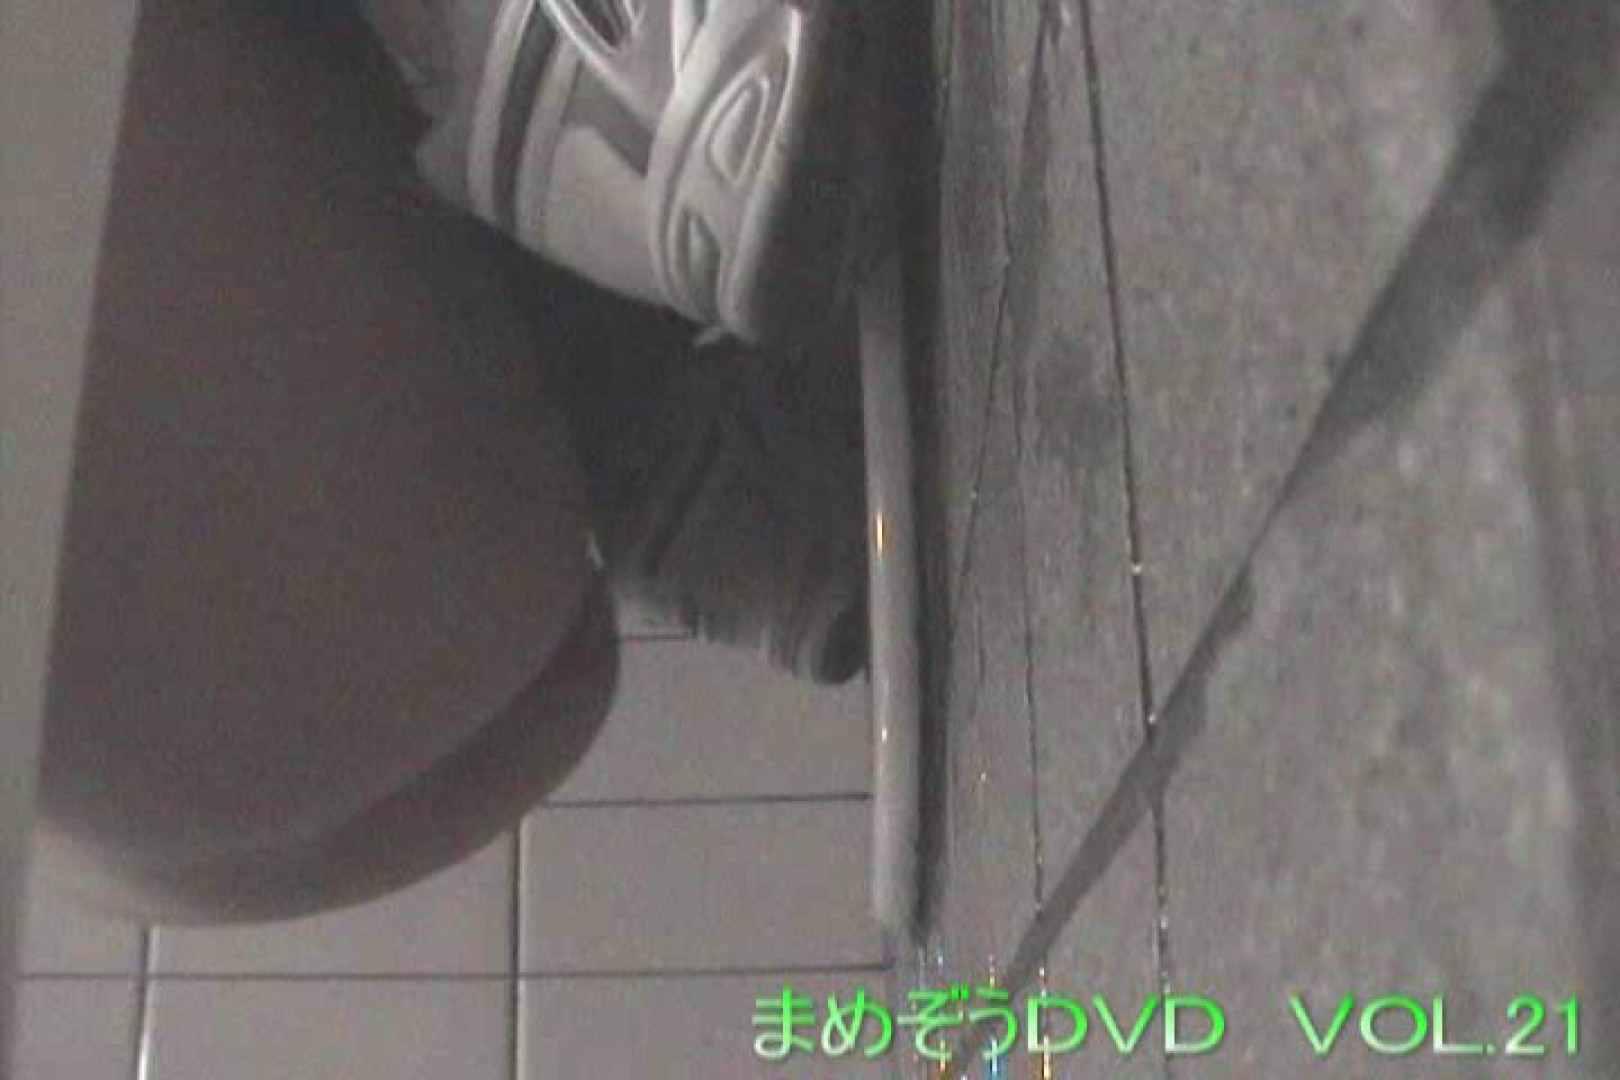 まめぞうDVD完全版VOL.21 洗面所 | ギャル攻め  91画像 67